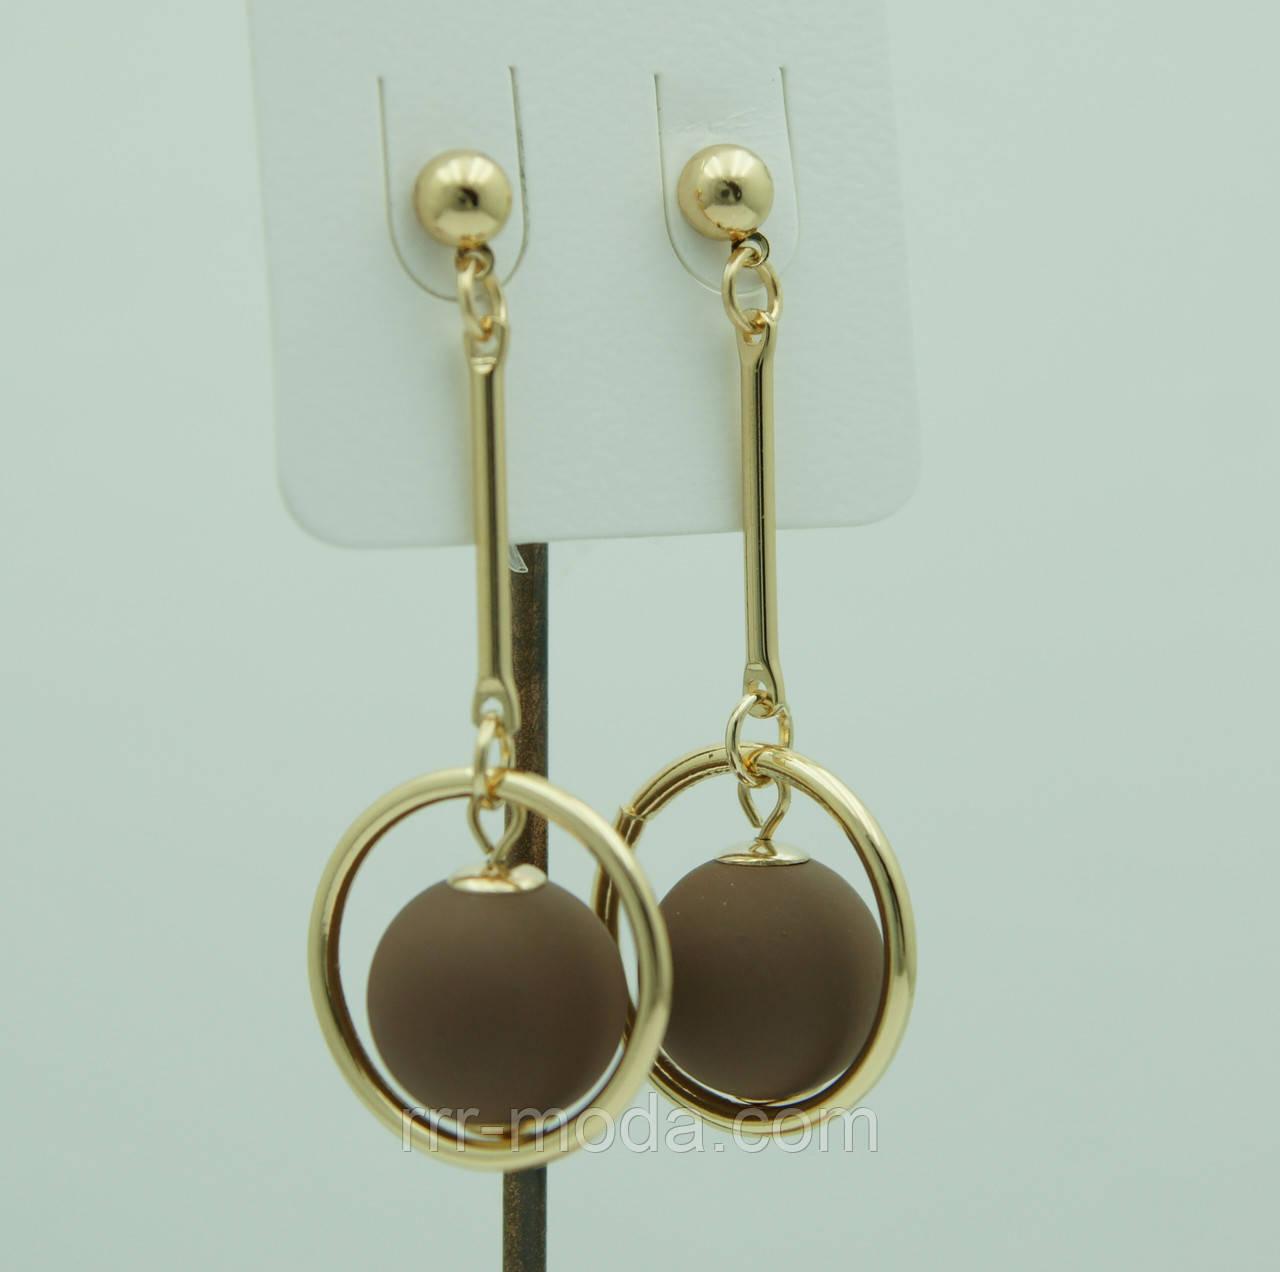 Коричневые кольца серьги шарики из Кореи. Серьги Korea 3123